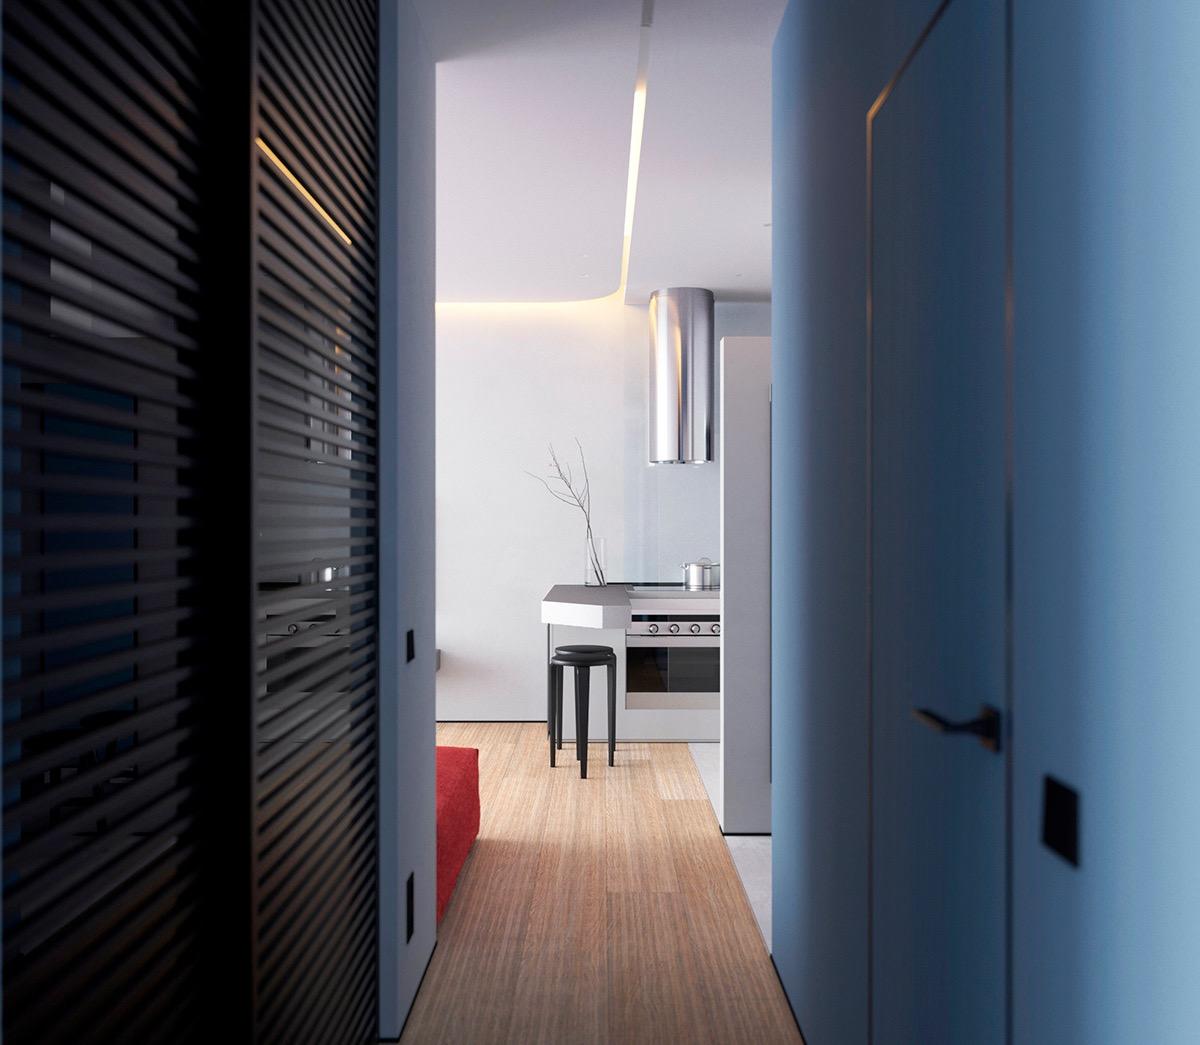 Hành lang căn hộ nhỏ tạo cảm giác thư giãn, dễ chịu với tông màu xanh lam nhẹ nhàng.